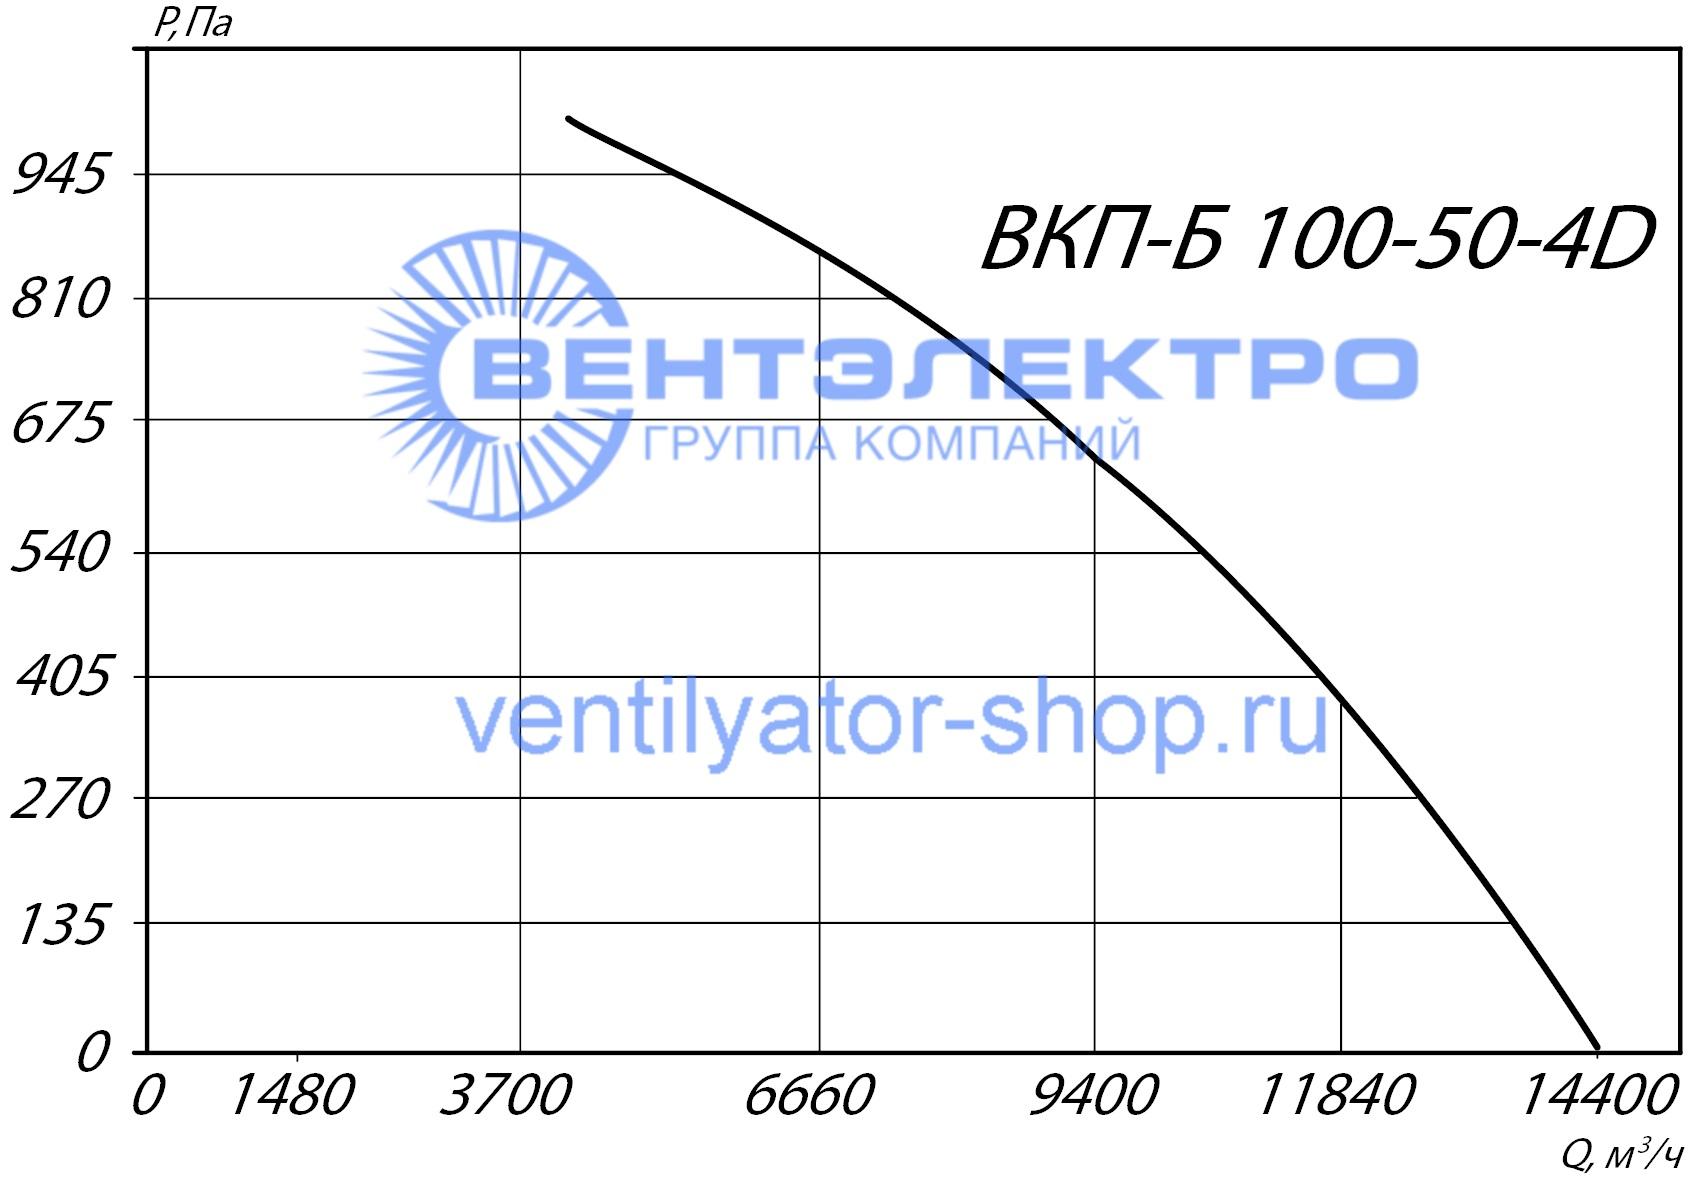 График аэродинамических характеристик ВКП-Б 100-50-4D